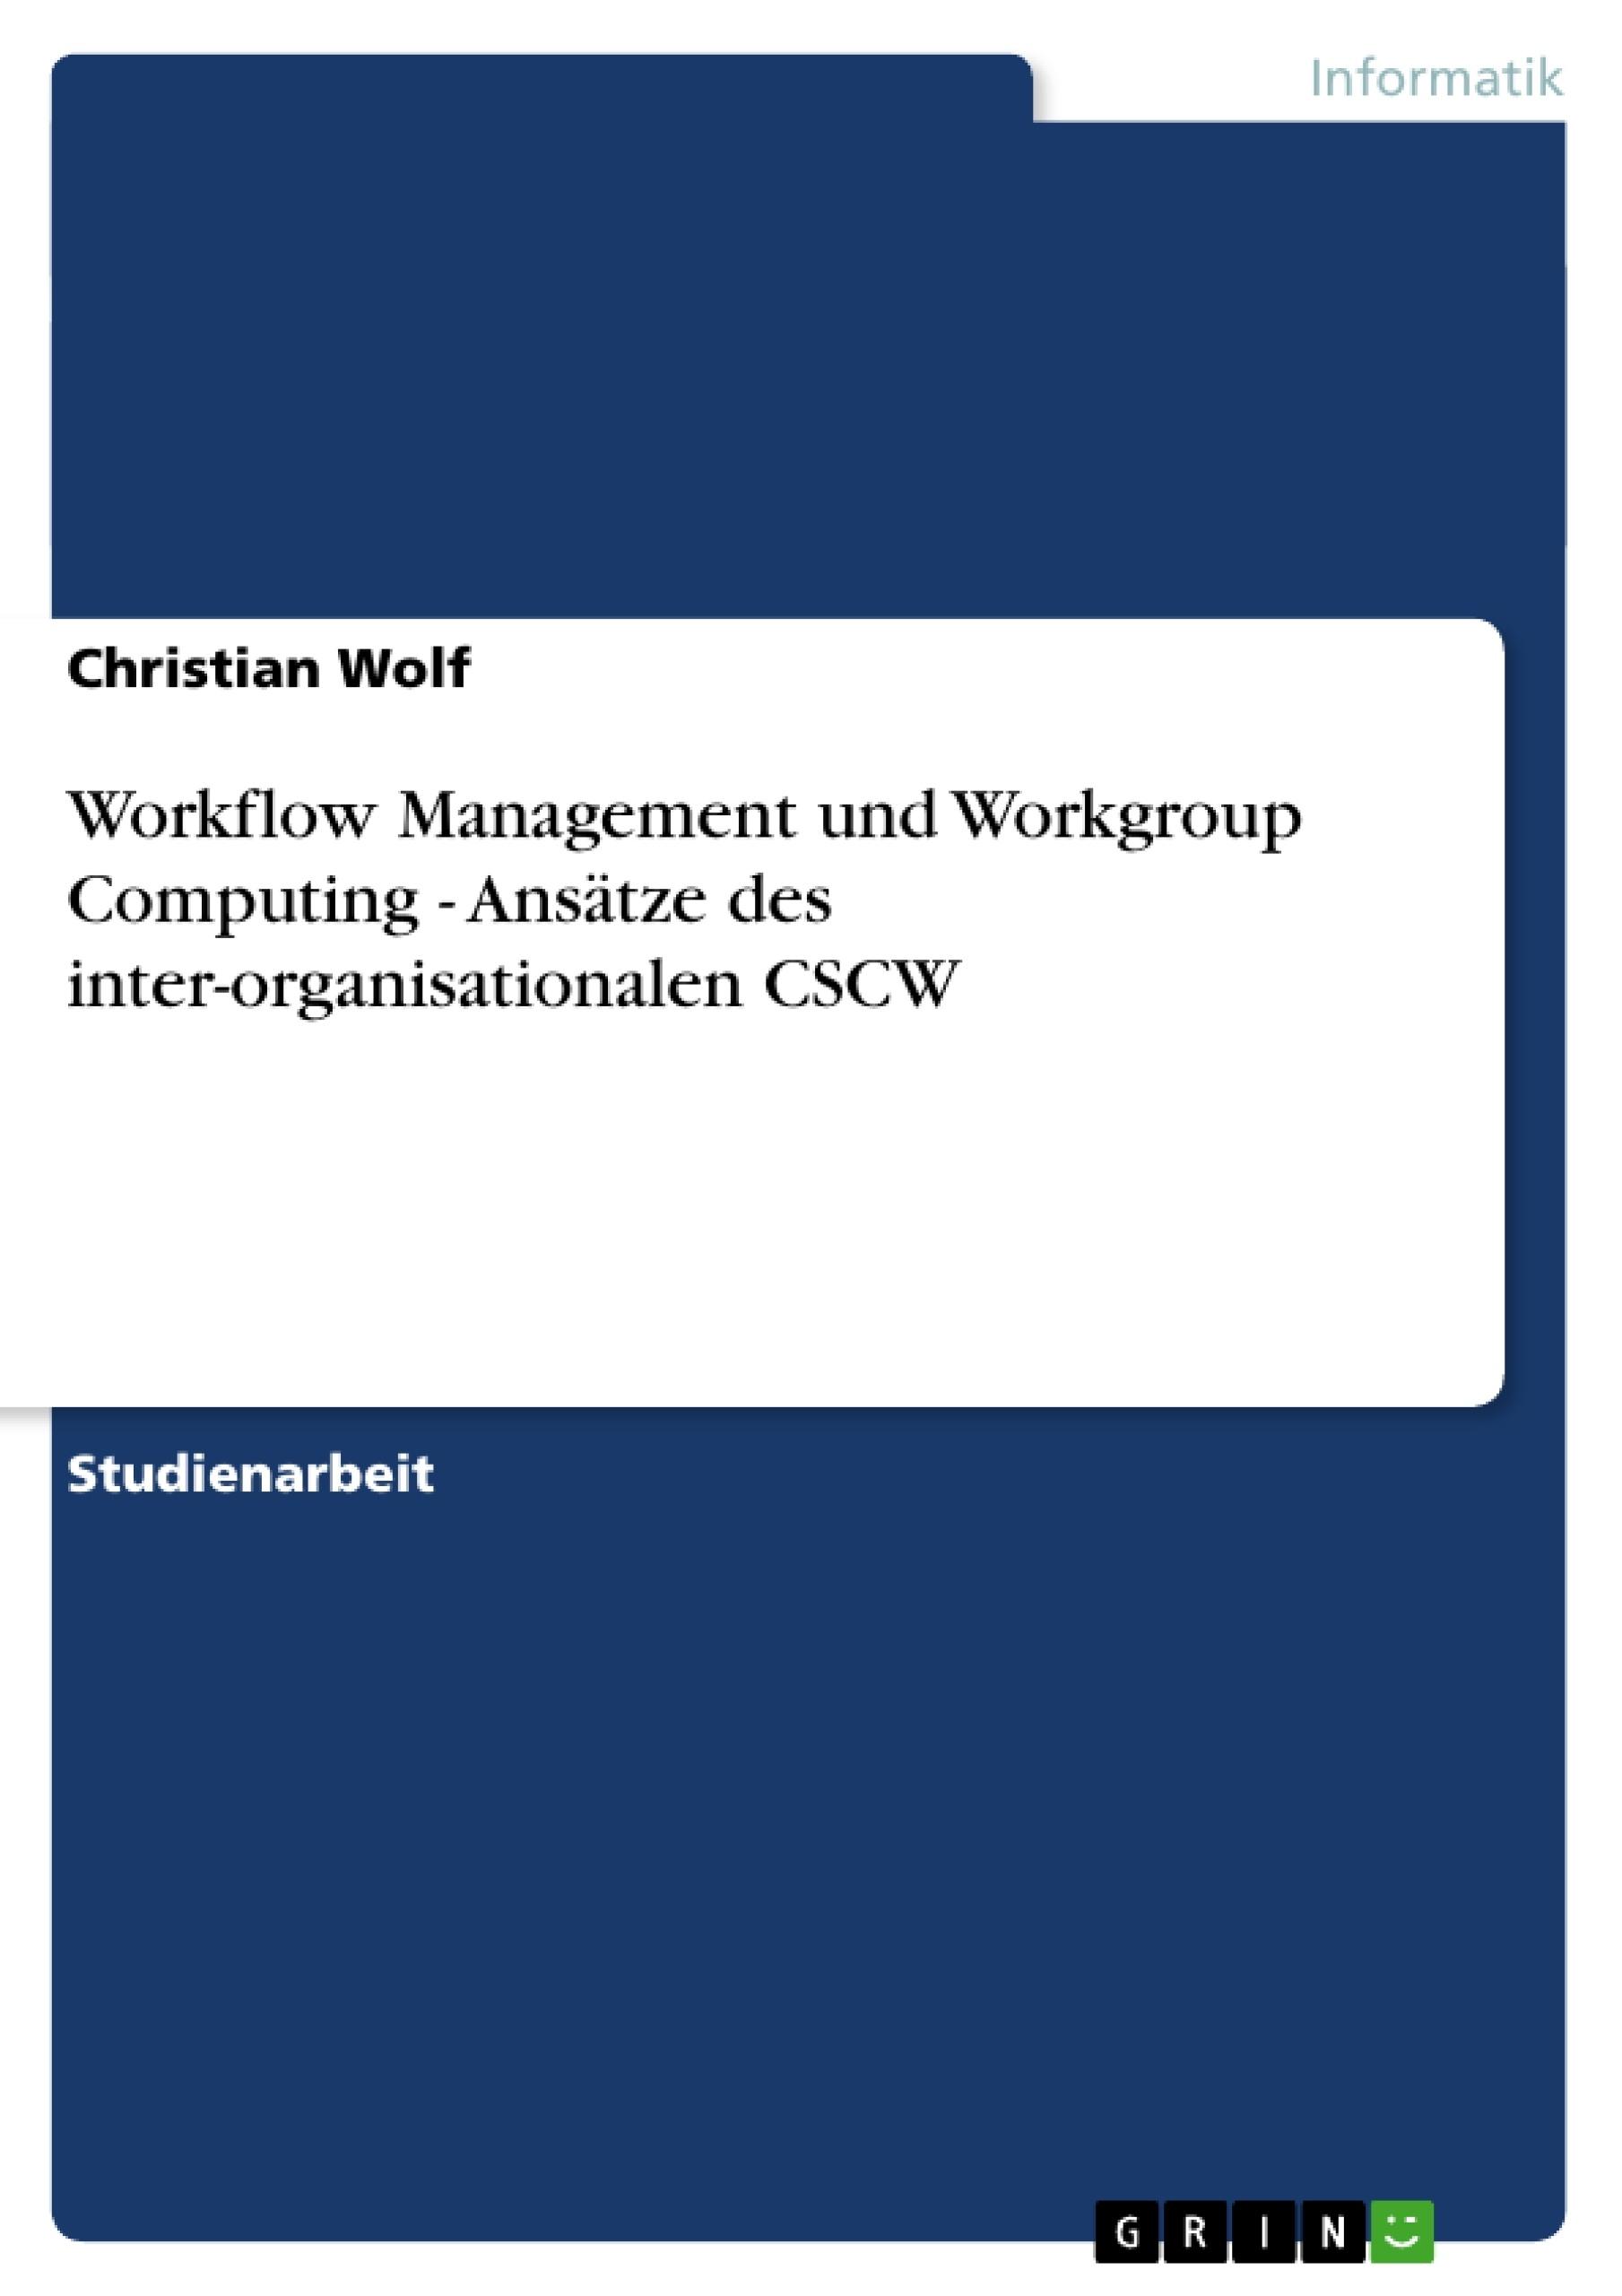 Titel: Workflow Management und Workgroup Computing - Ansätze des inter-organisationalen CSCW